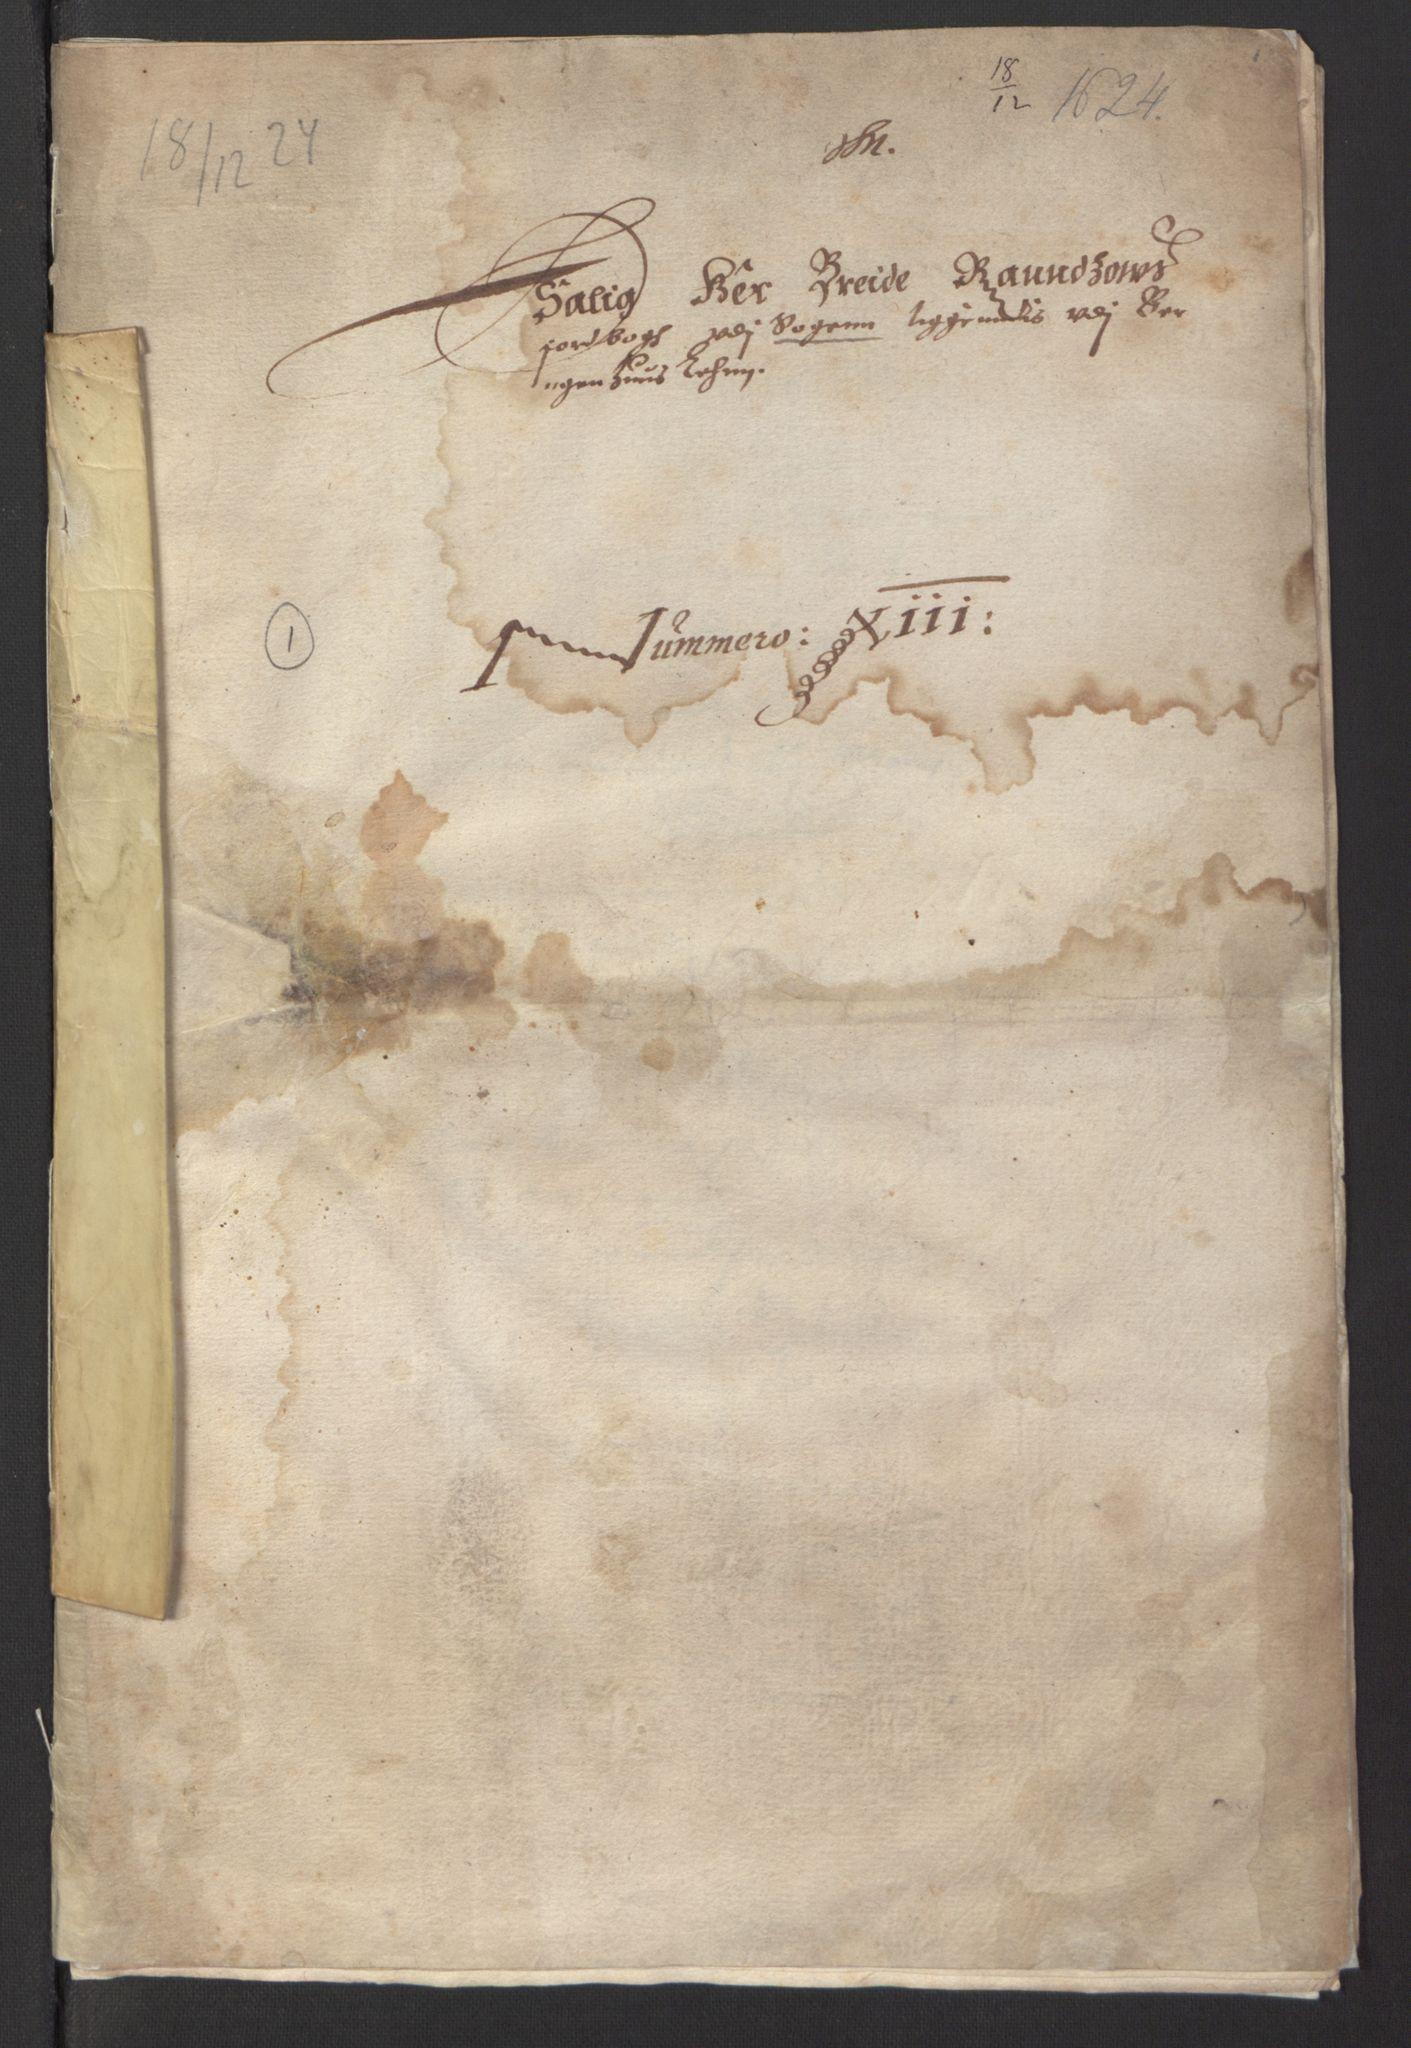 RA, Stattholderembetet 1572-1771, Ek/L0007: Jordebøker til utlikning av rosstjeneste 1624-1626:, 1624-1625, s. 304